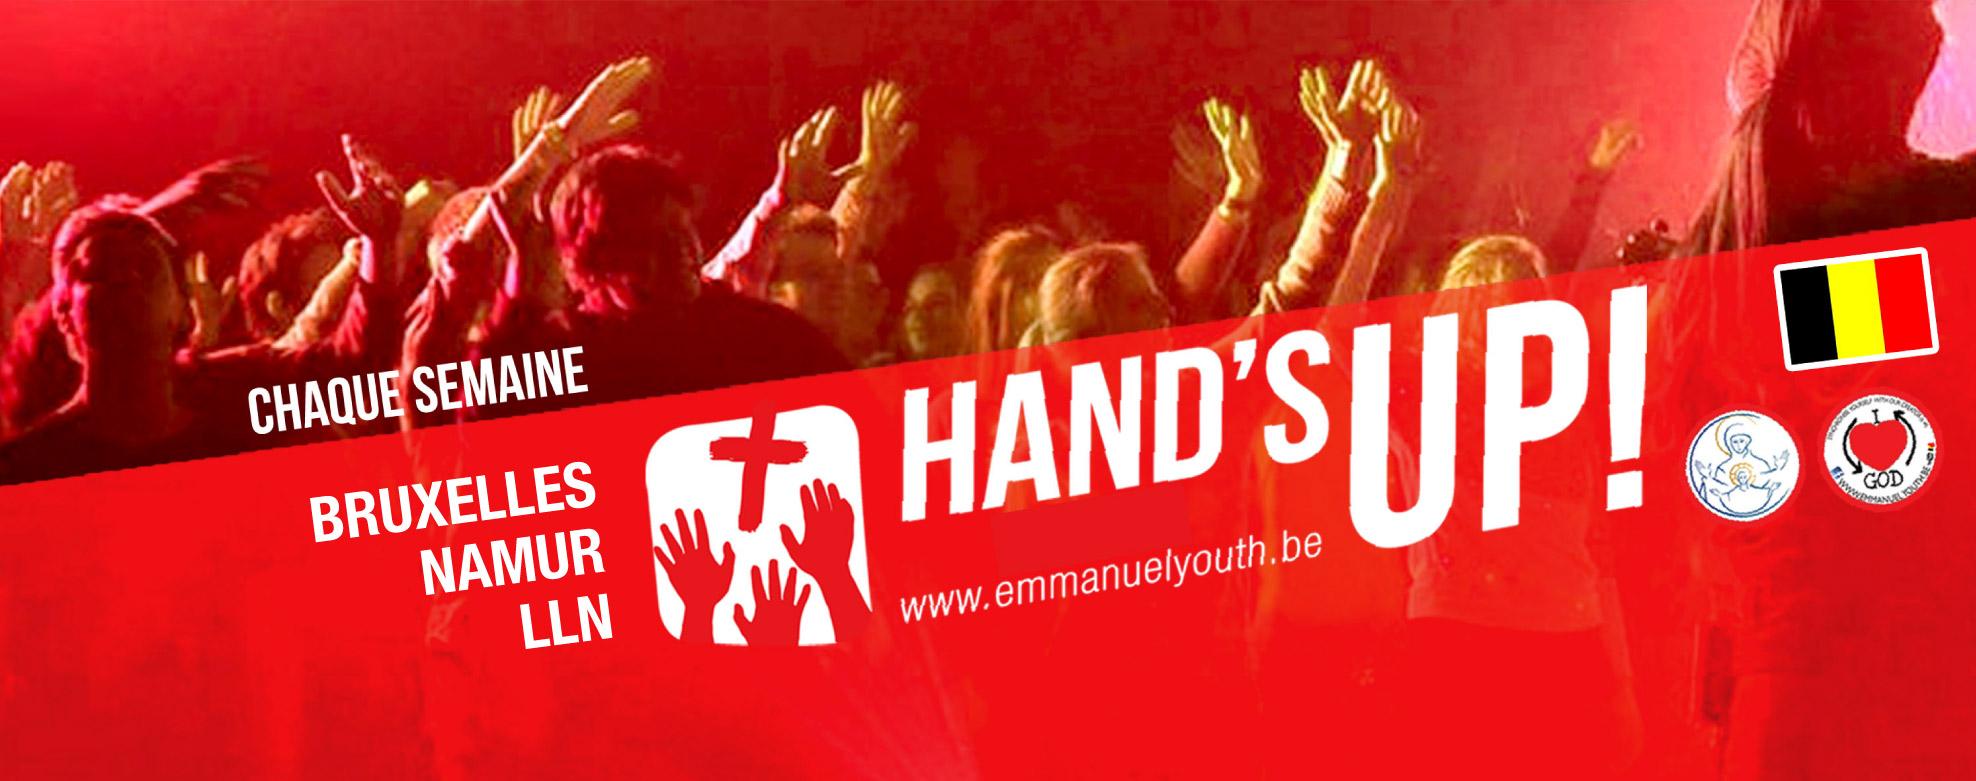 banner-handsup-Belgique-253x100 - Copie copie